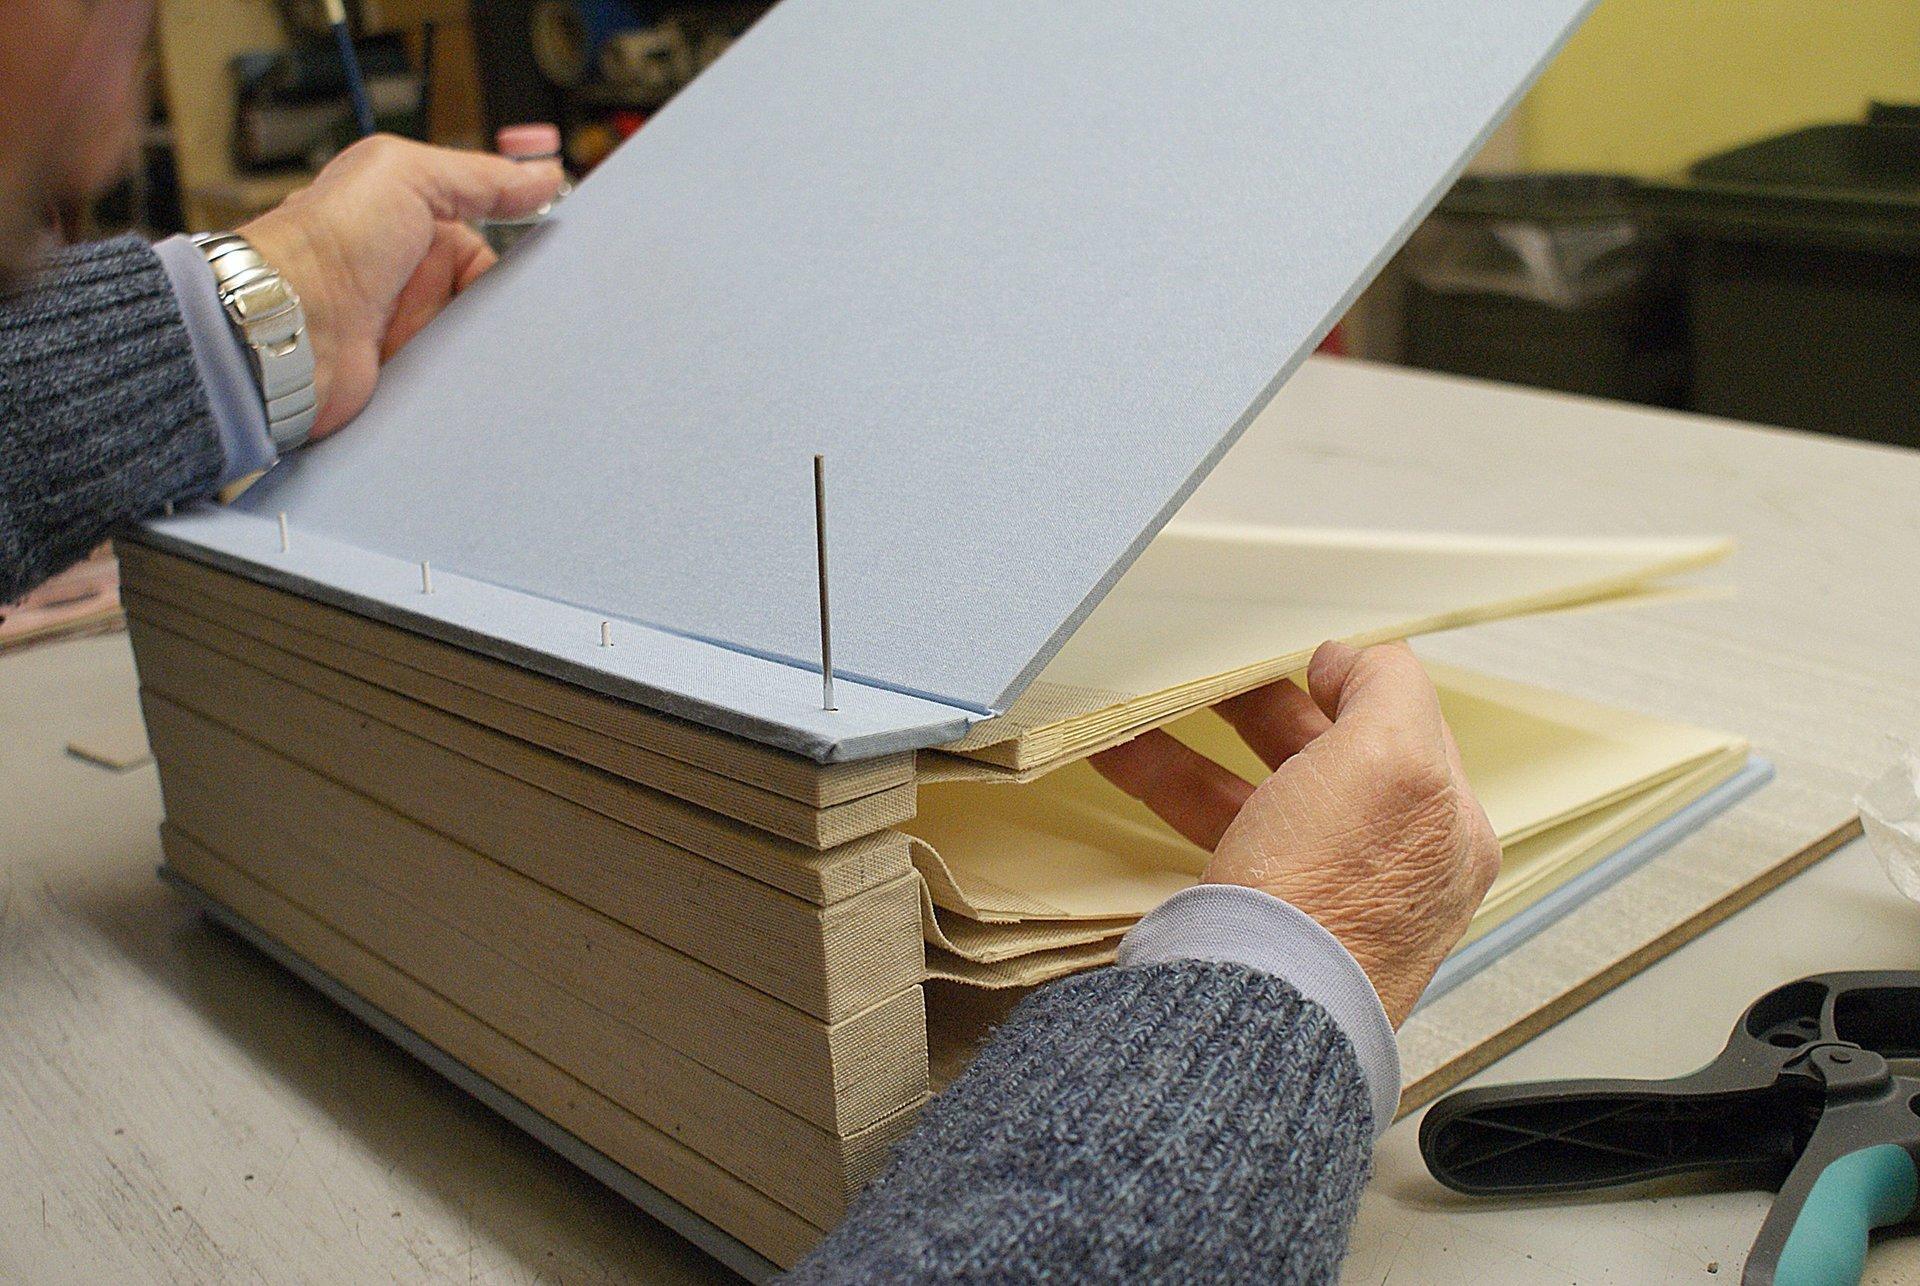 artigiano che aggiusta la rilegatura di un libro voluminoso